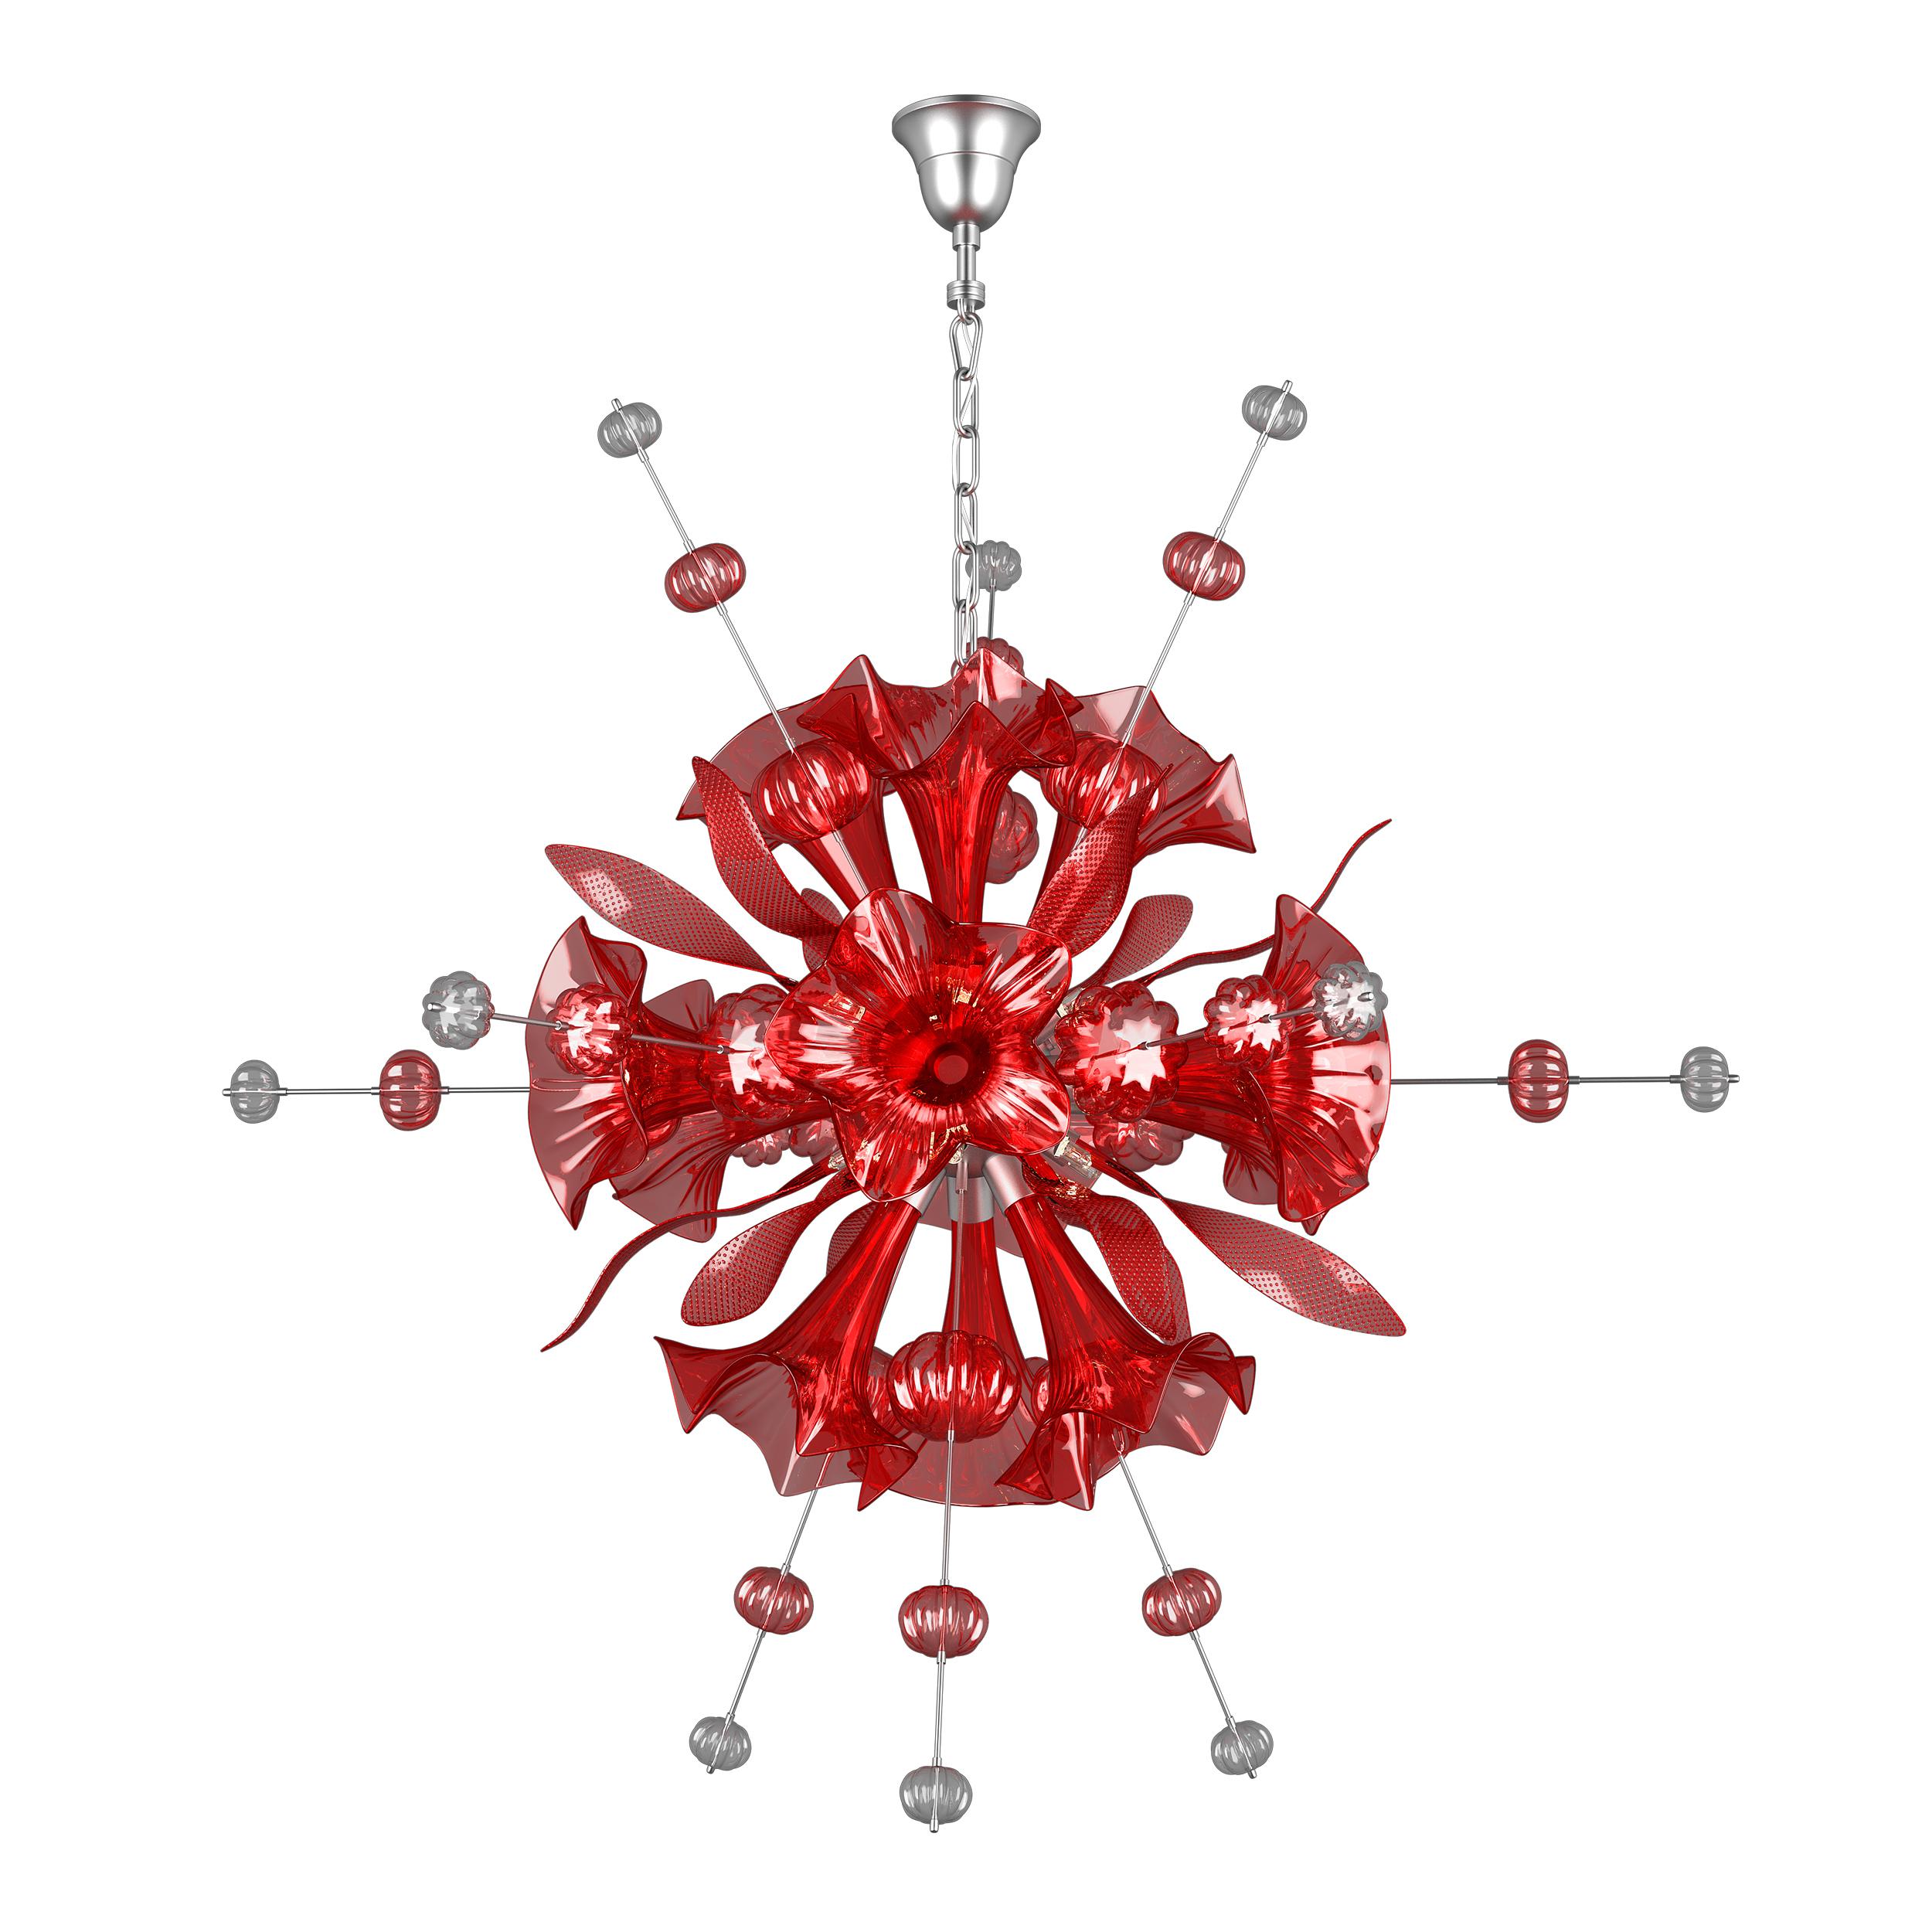 Подвесная люстра Lightstar Celesta 893122, 12xG9x25W, хром, красный, металл, стекло - фото 1